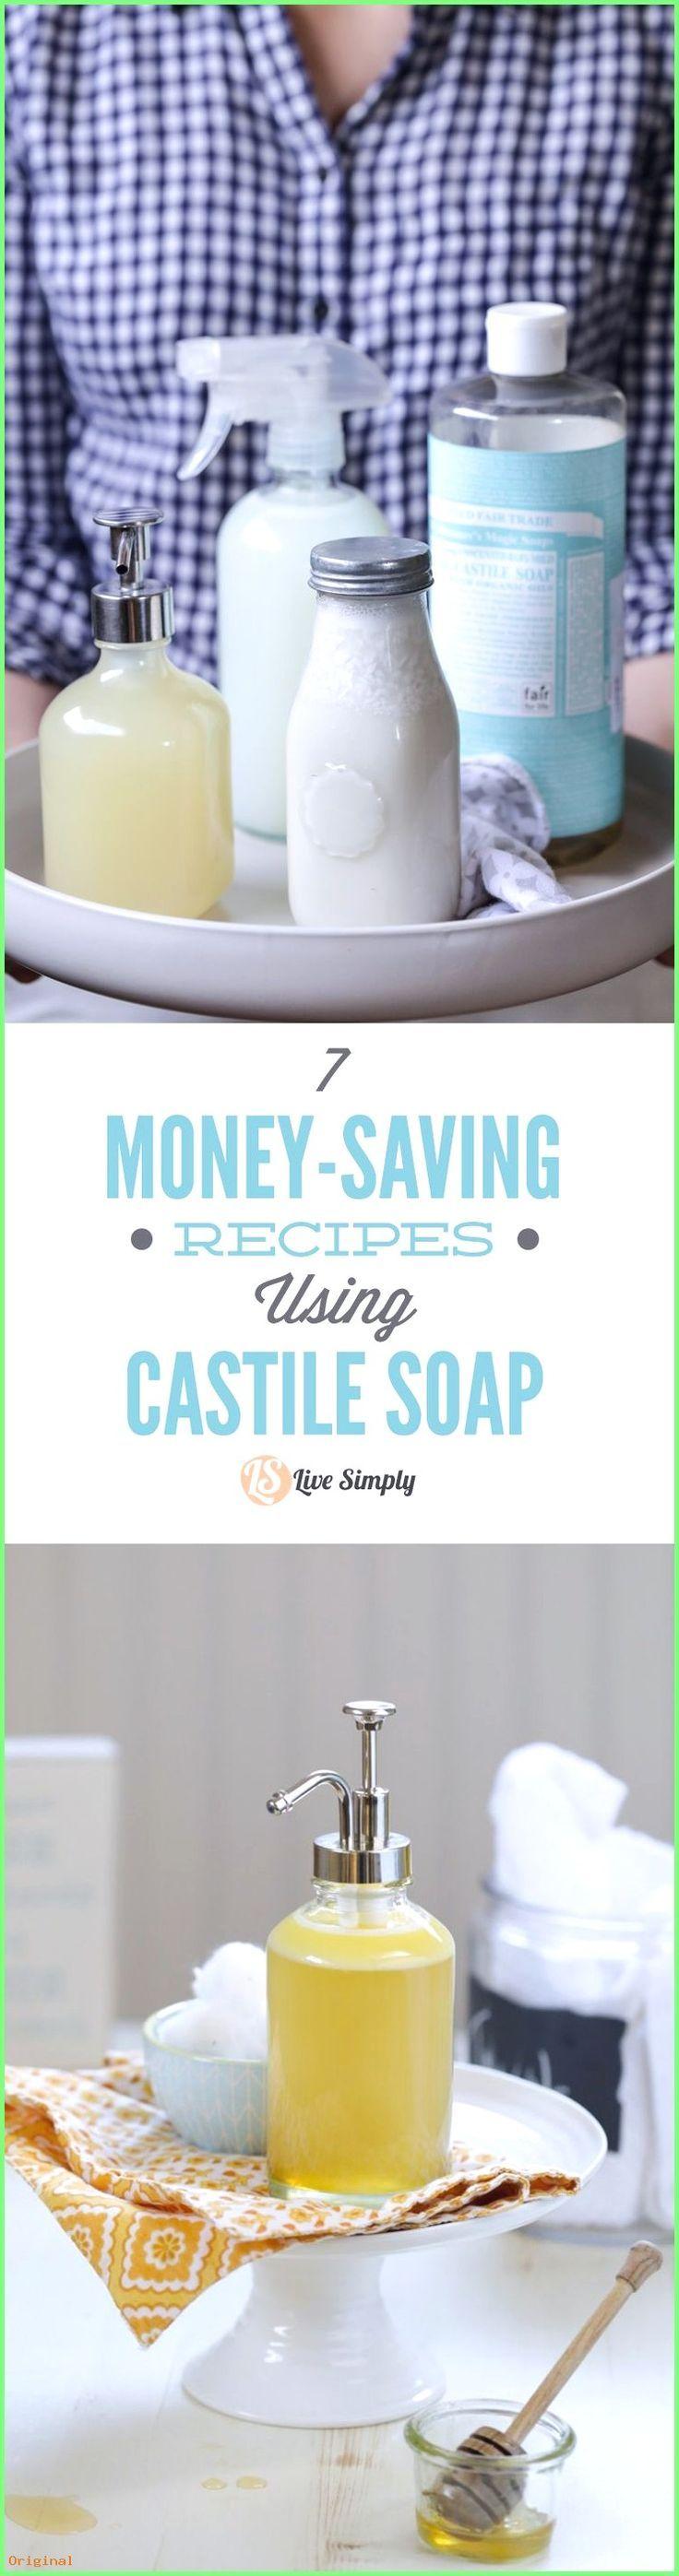 50+ Hautpflege – 7 geldsparende Rezepte mit Kastilienseife! So viele erstaunlich…